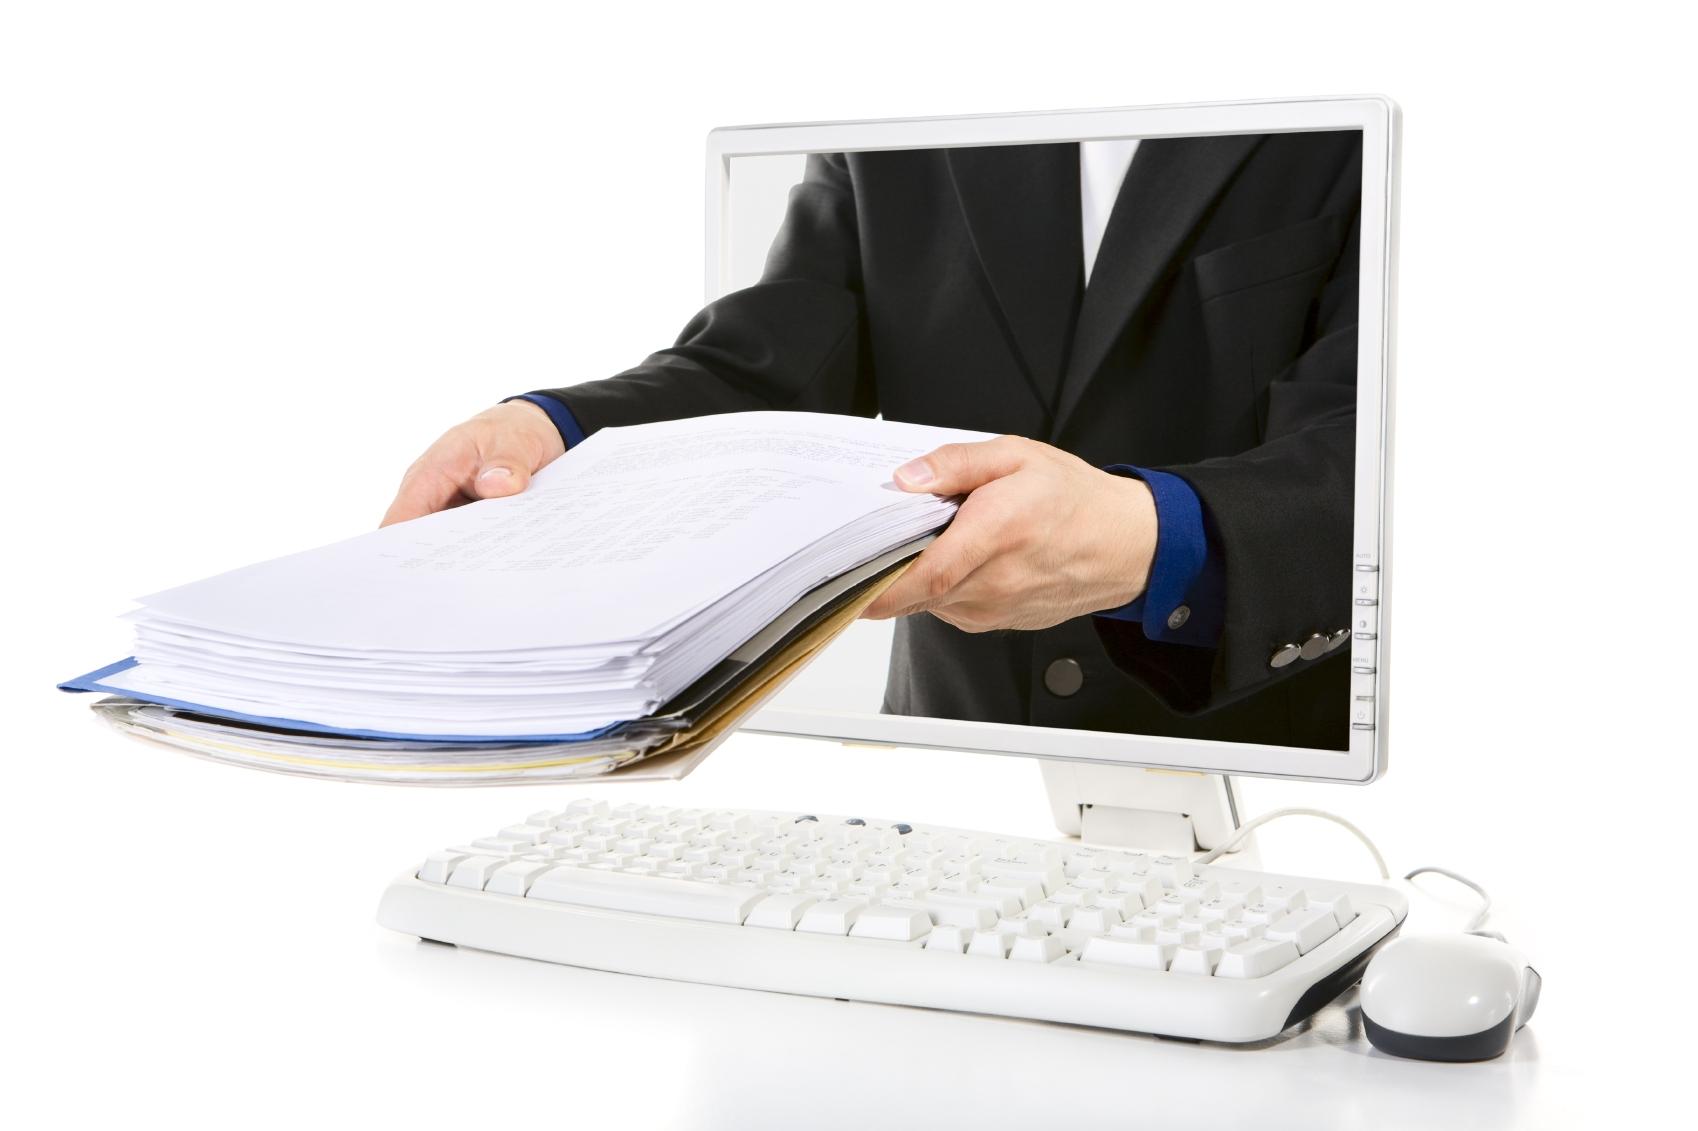 Набросок модели бизнес процесса перед интервью